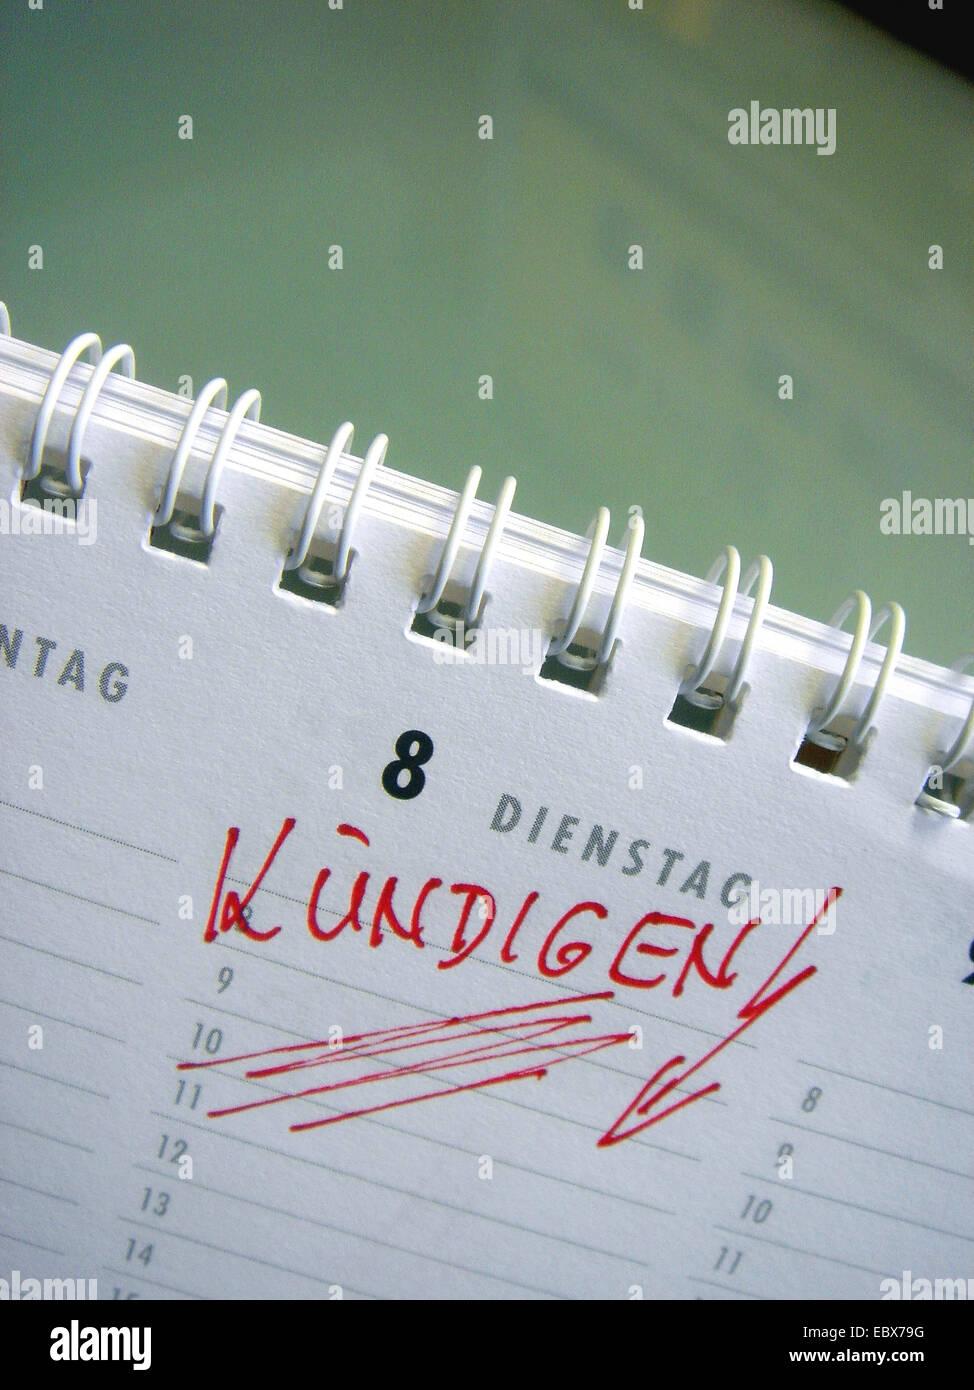 cancel - calendar entry - Stock Image